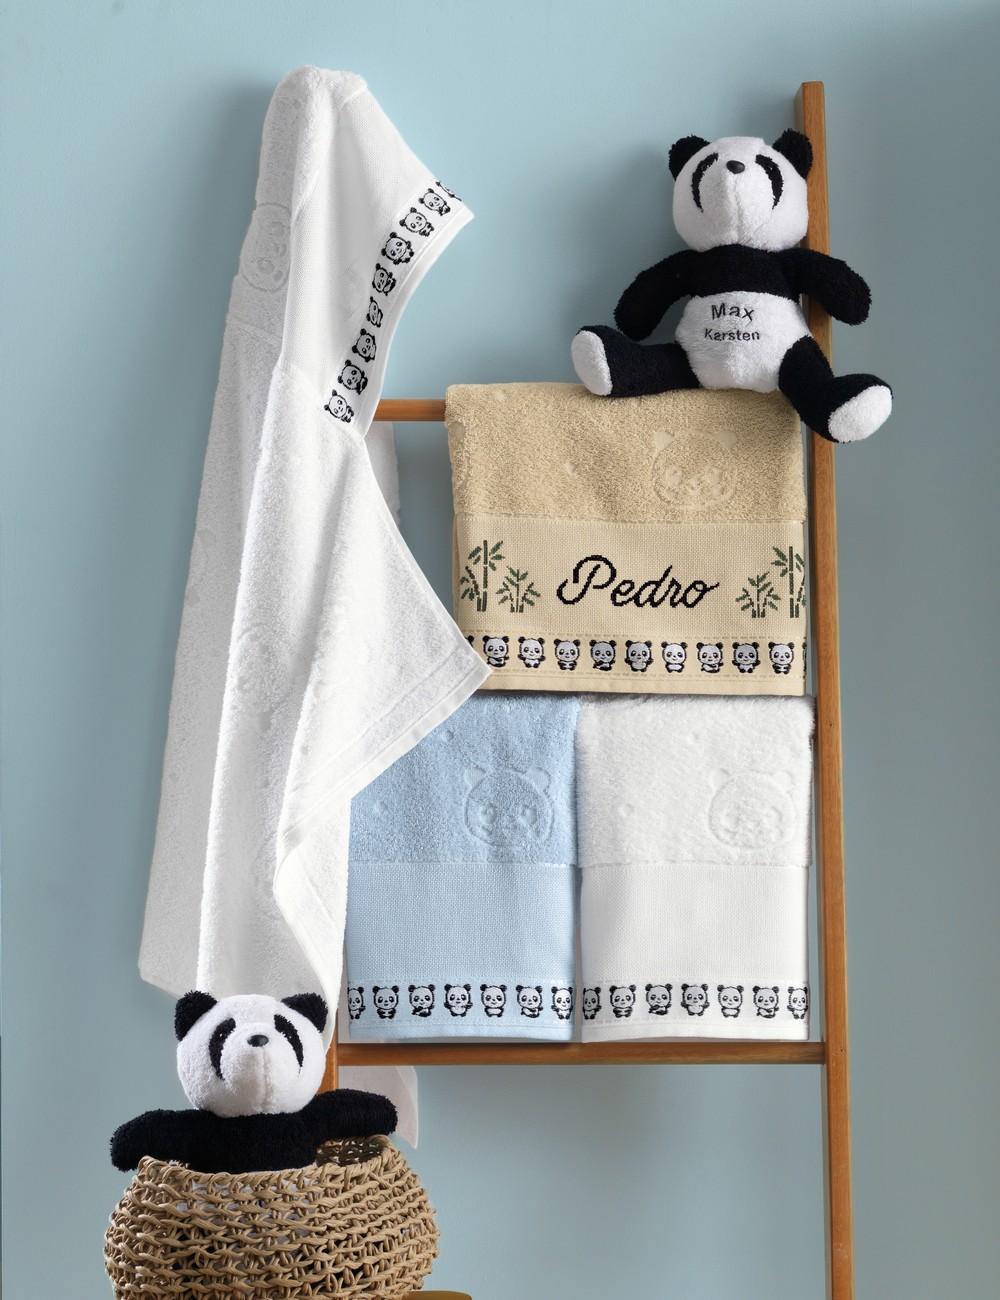 Toalha de Banho Infantil com Capuz para Bordar Karsten Max - Gramatura: 400g/m²